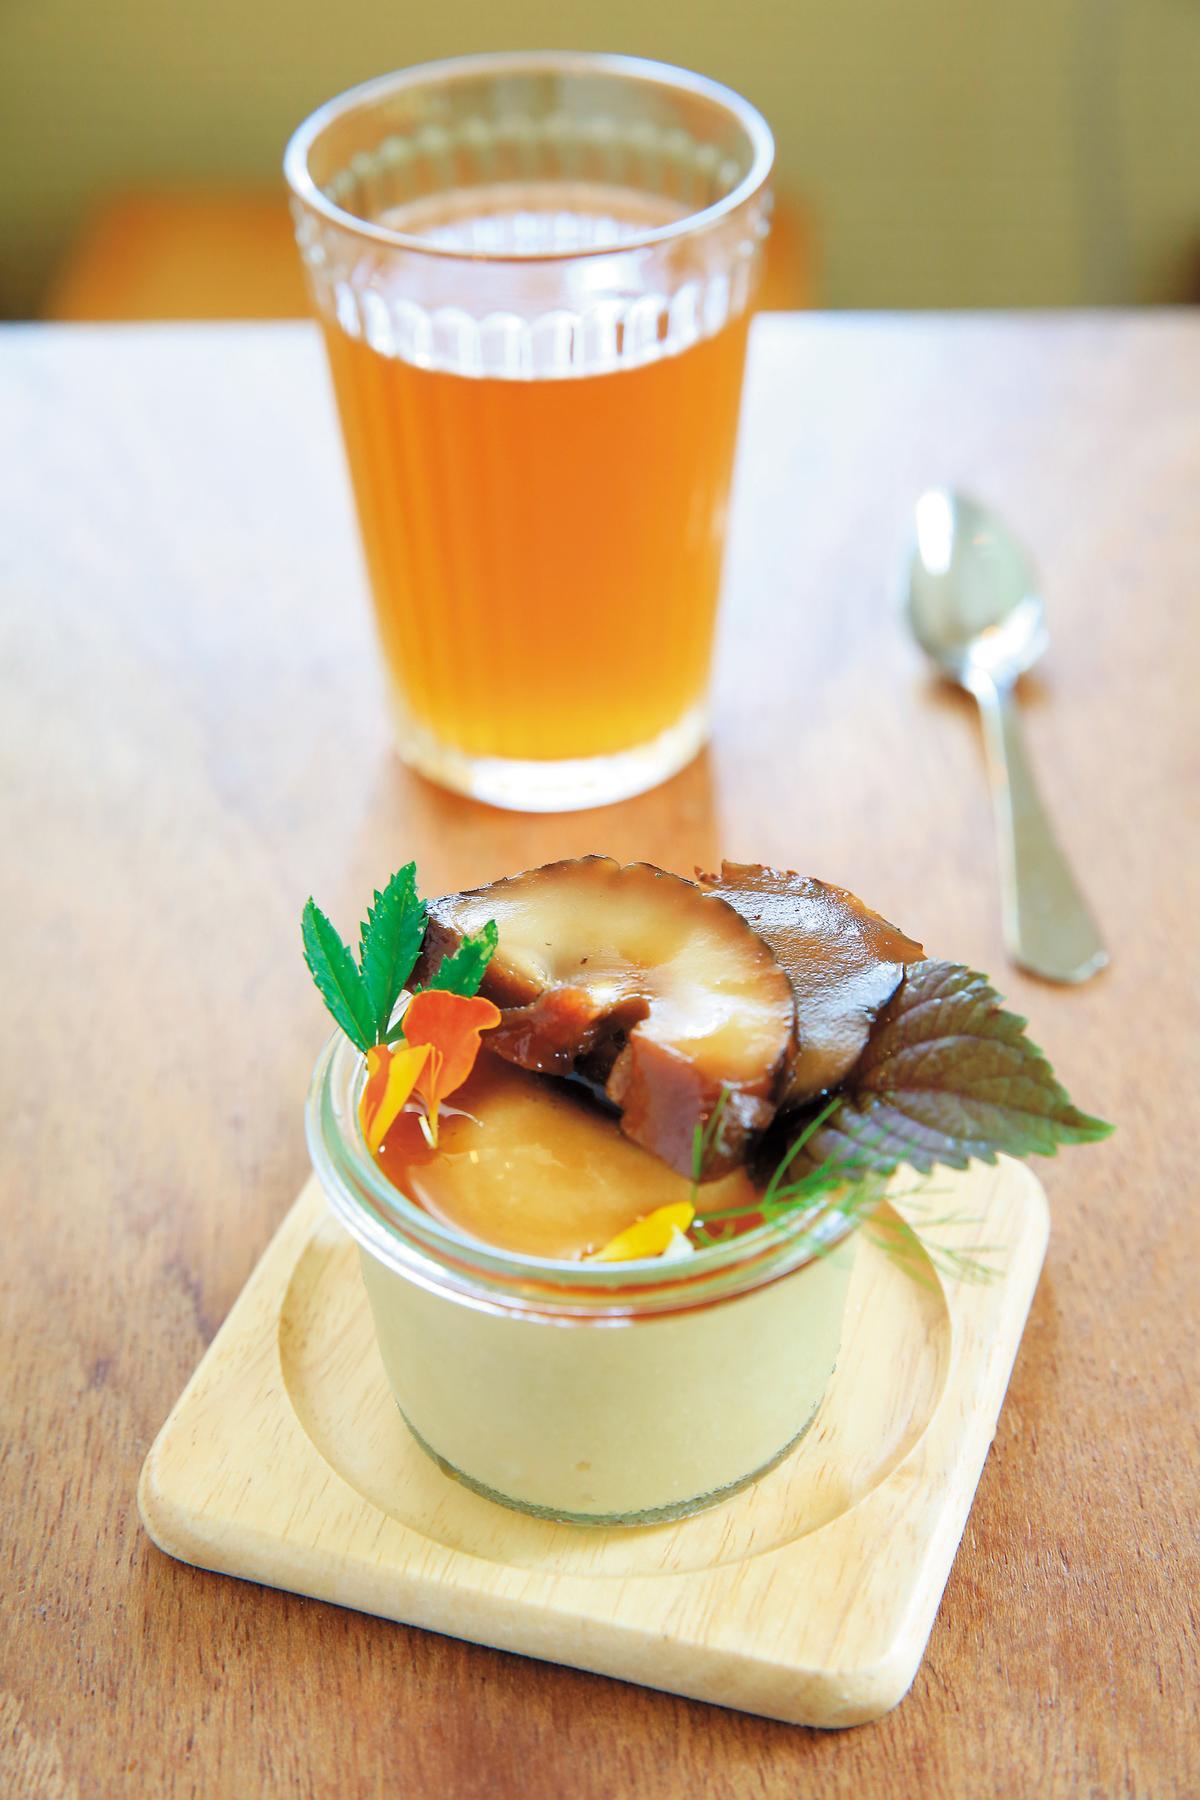 最後的甜點是豆漿布丁(前)與冷發酵的昆布茶(後),布丁上還放了甜味的漬鮮菇。